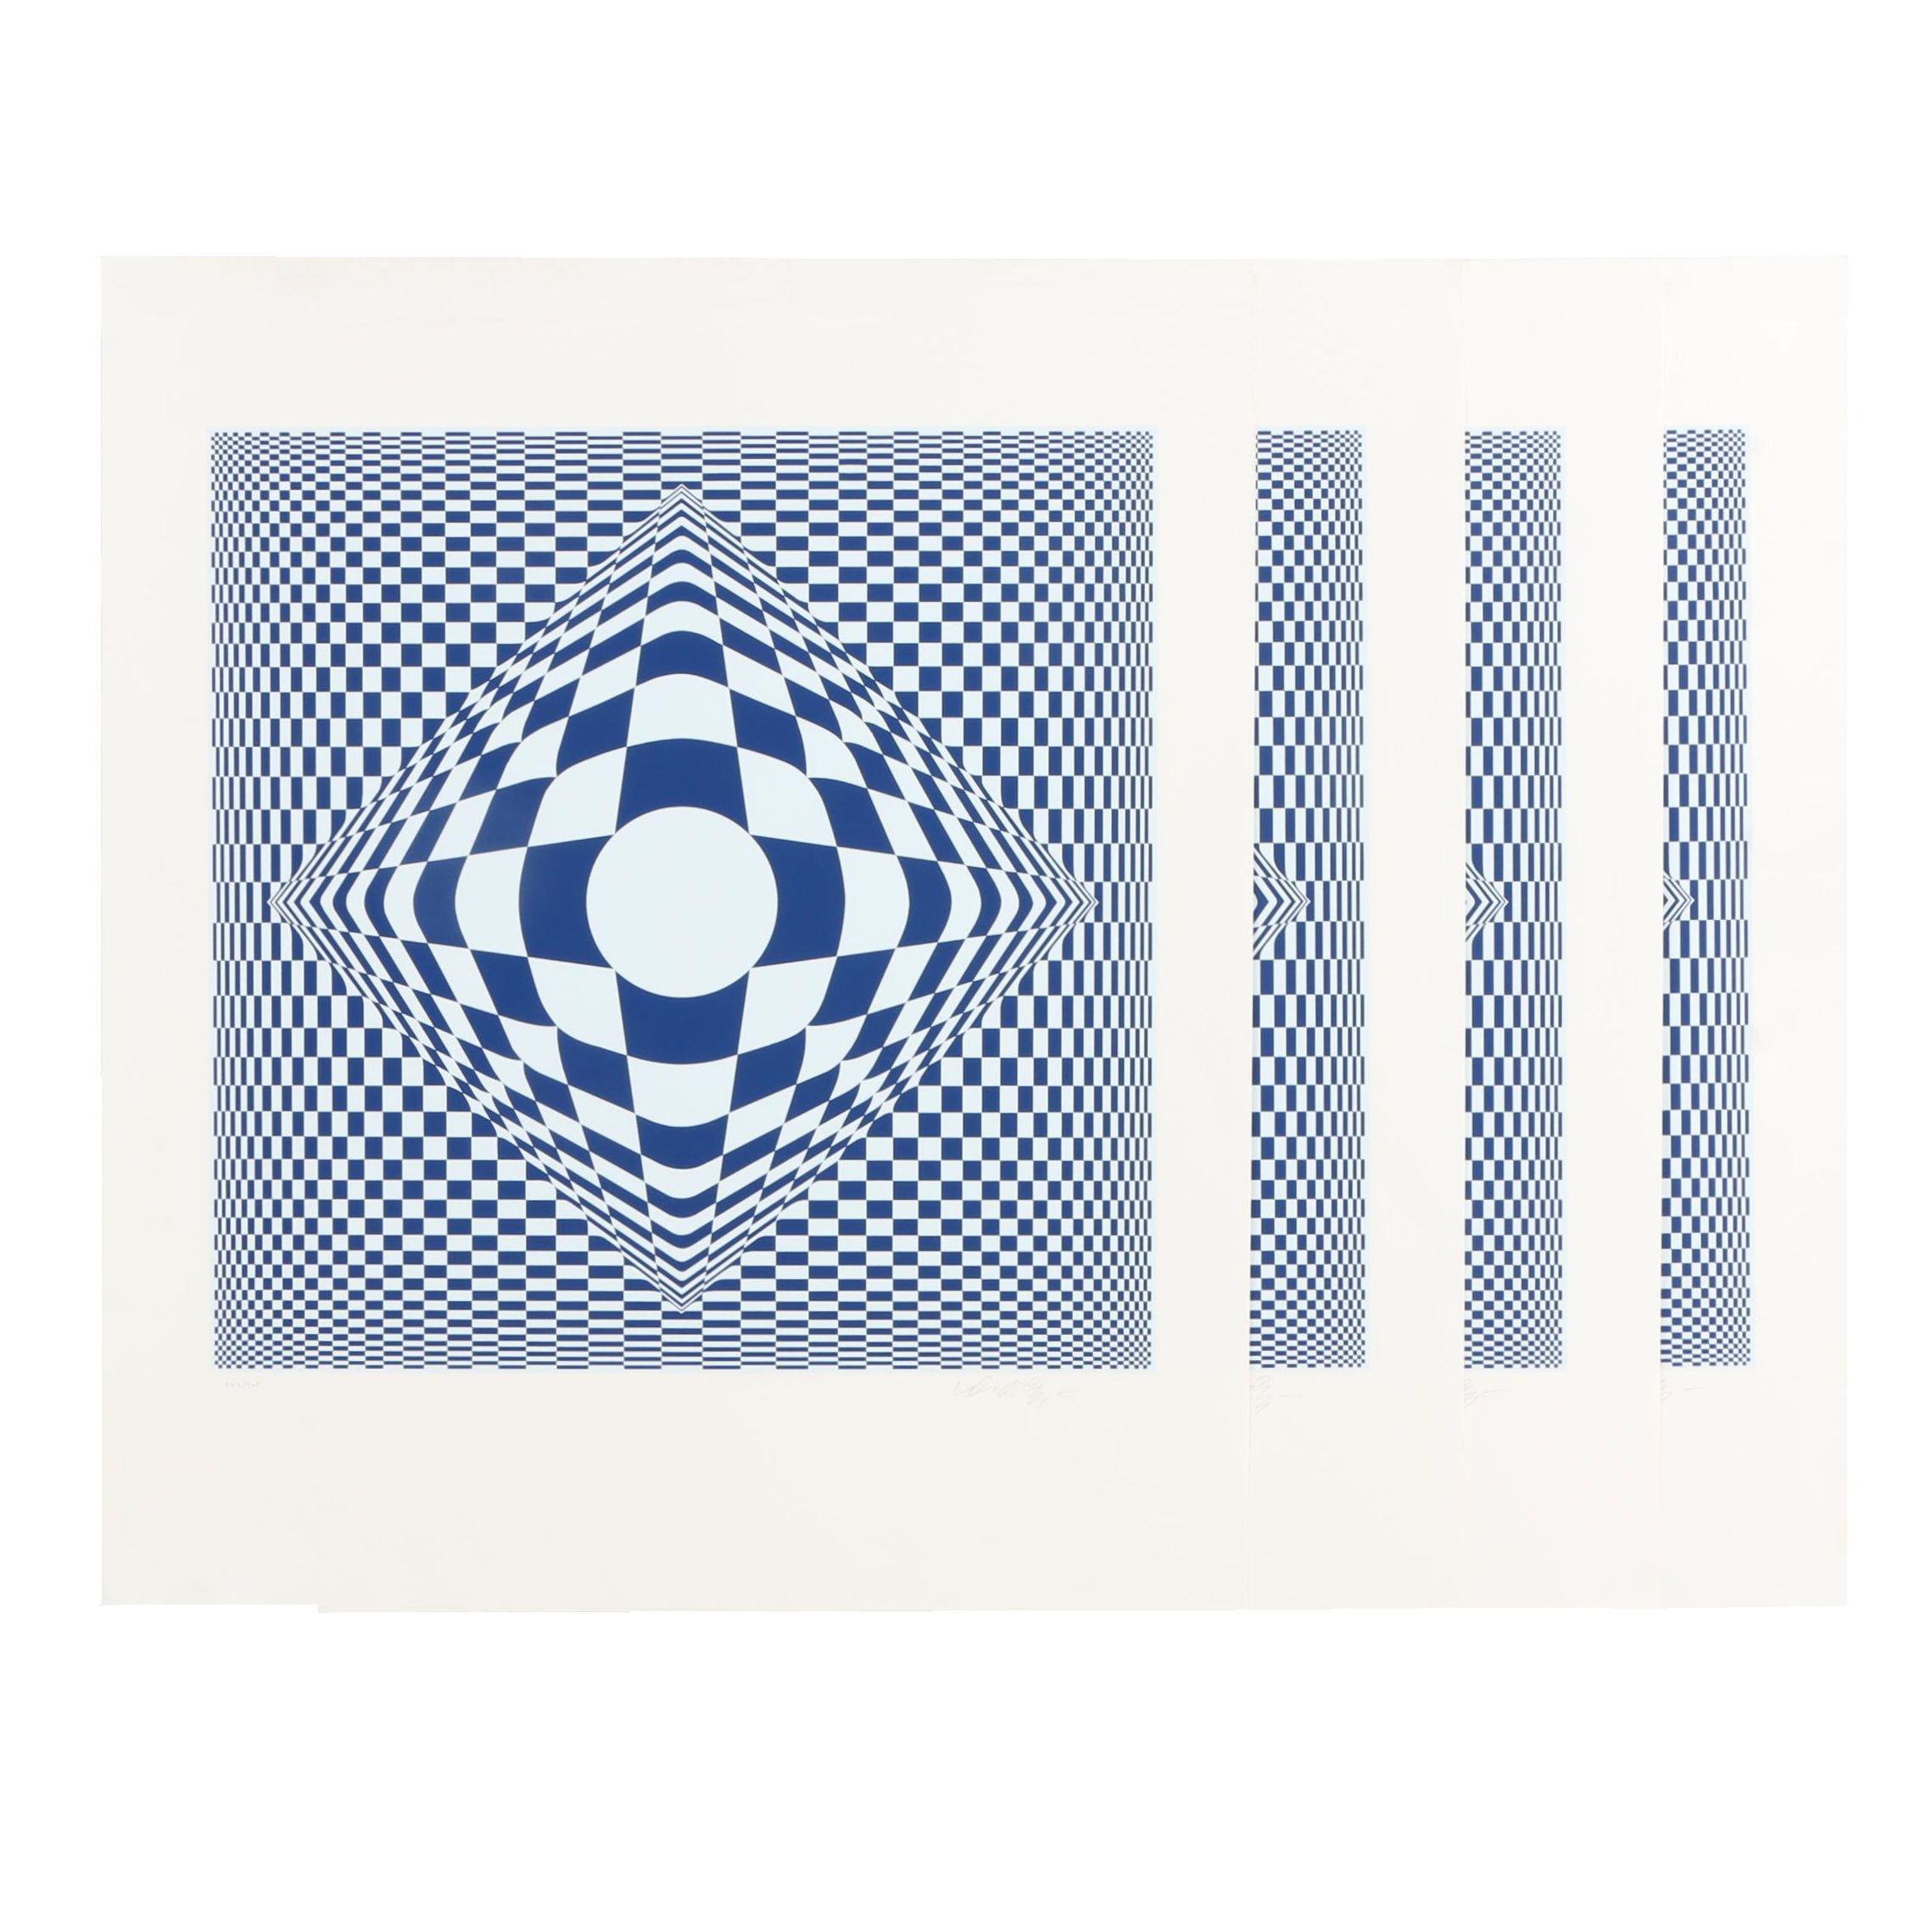 Victor Vasarely Op-Art Serigraph Prints